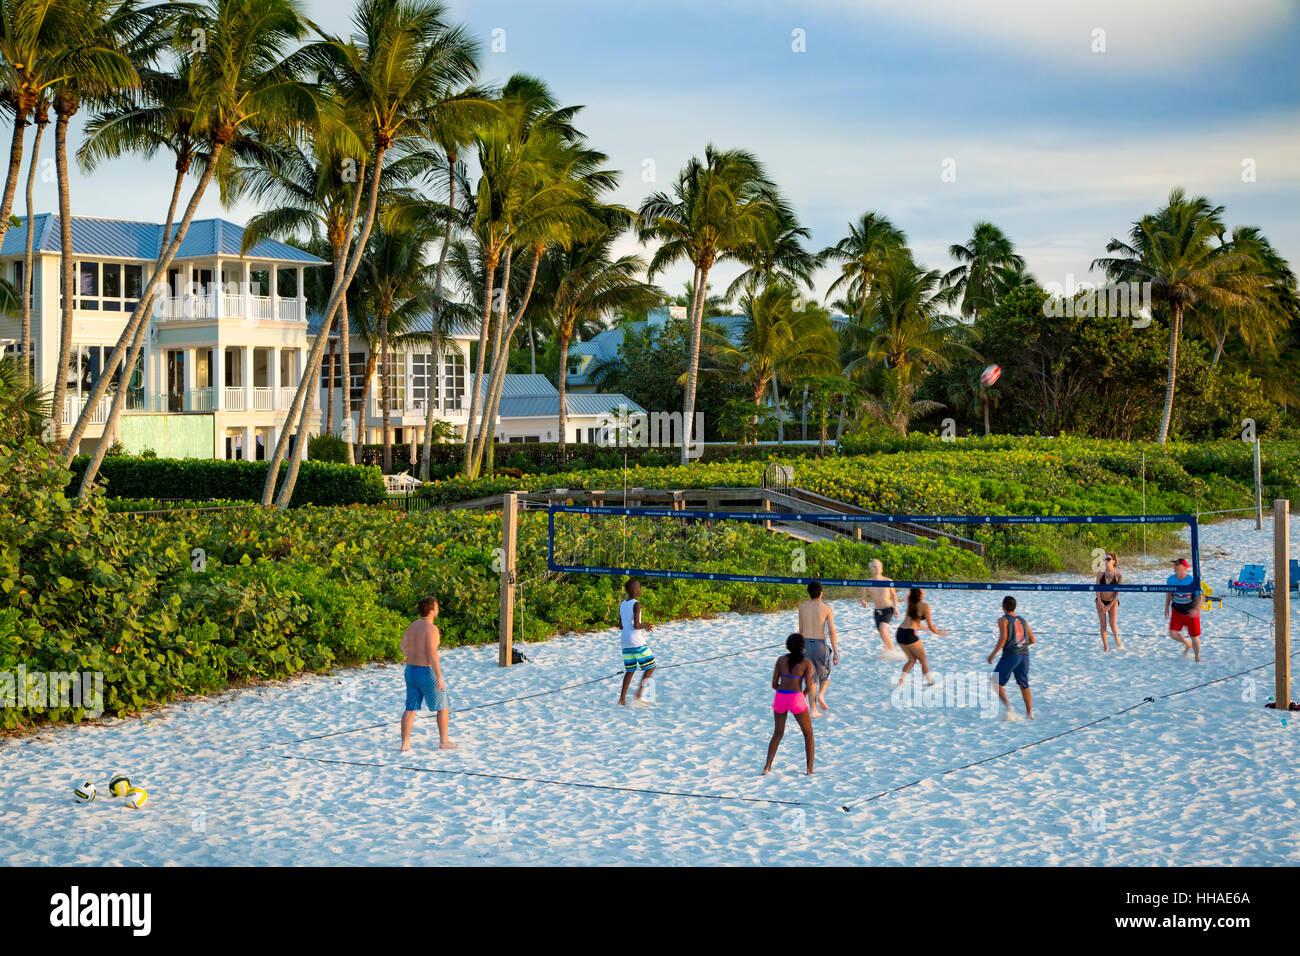 El voleibol en la playa en Naples, Florida, EE.UU. Imagen De Stock